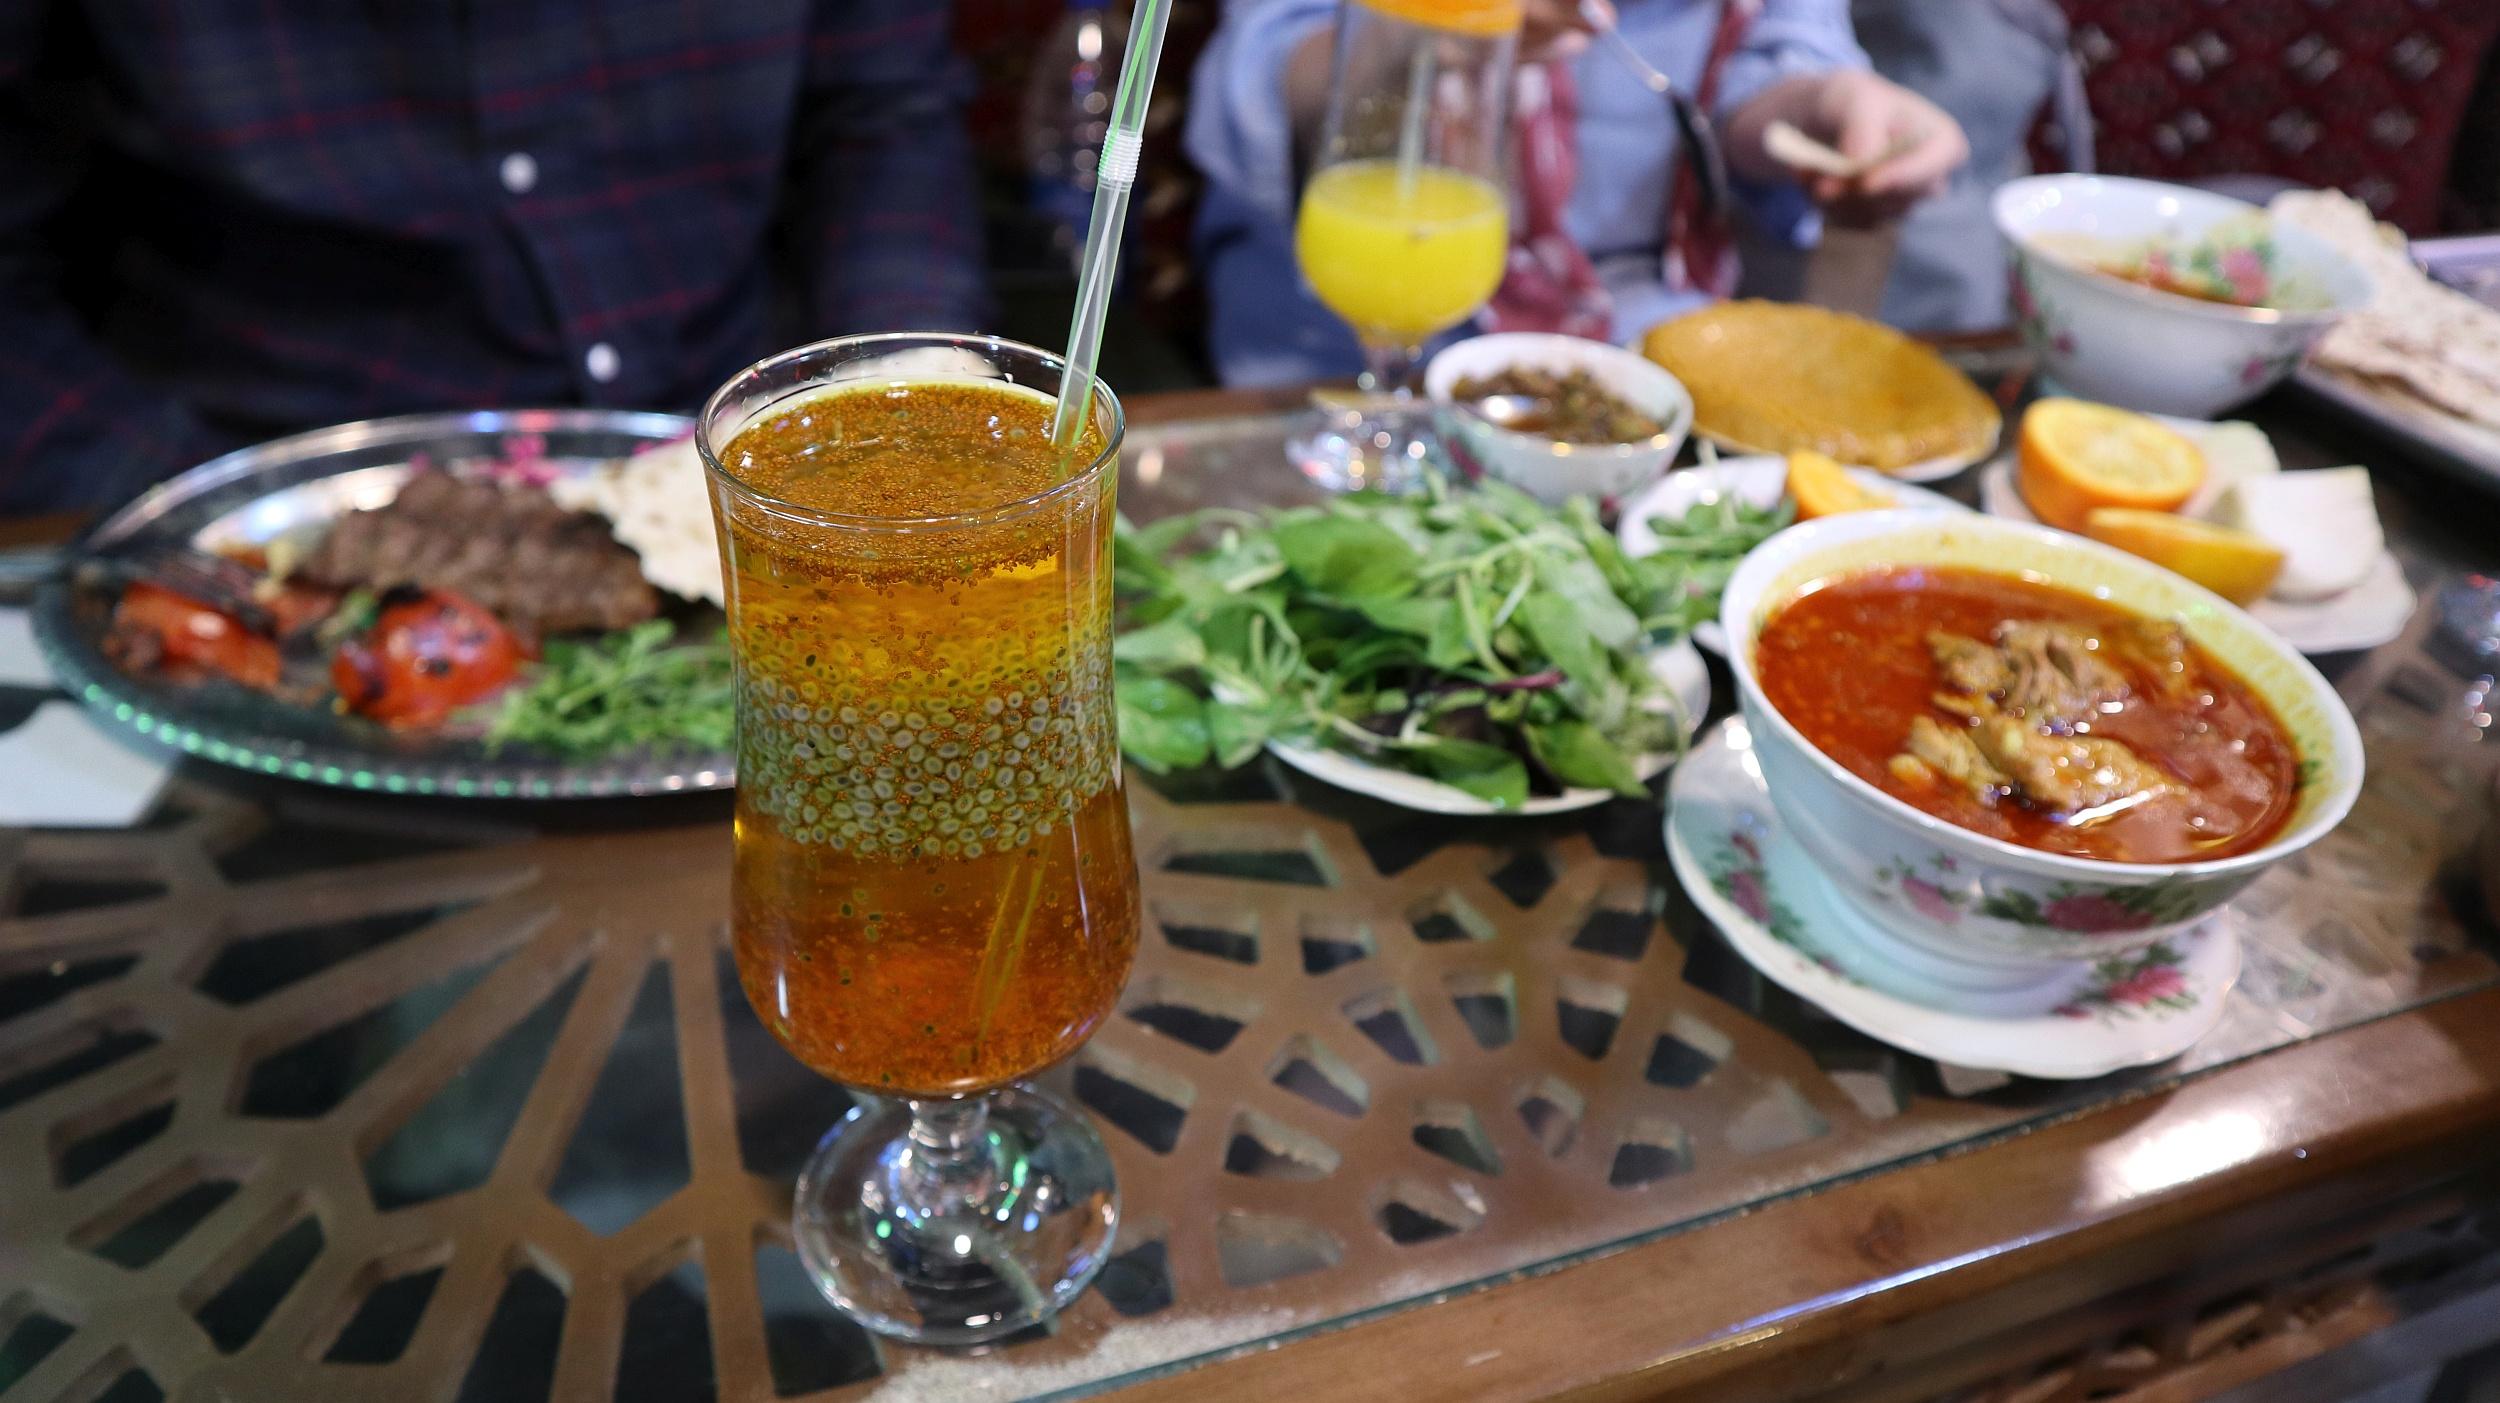 Dobry obiad w Iranie to koszt około 8 złotych